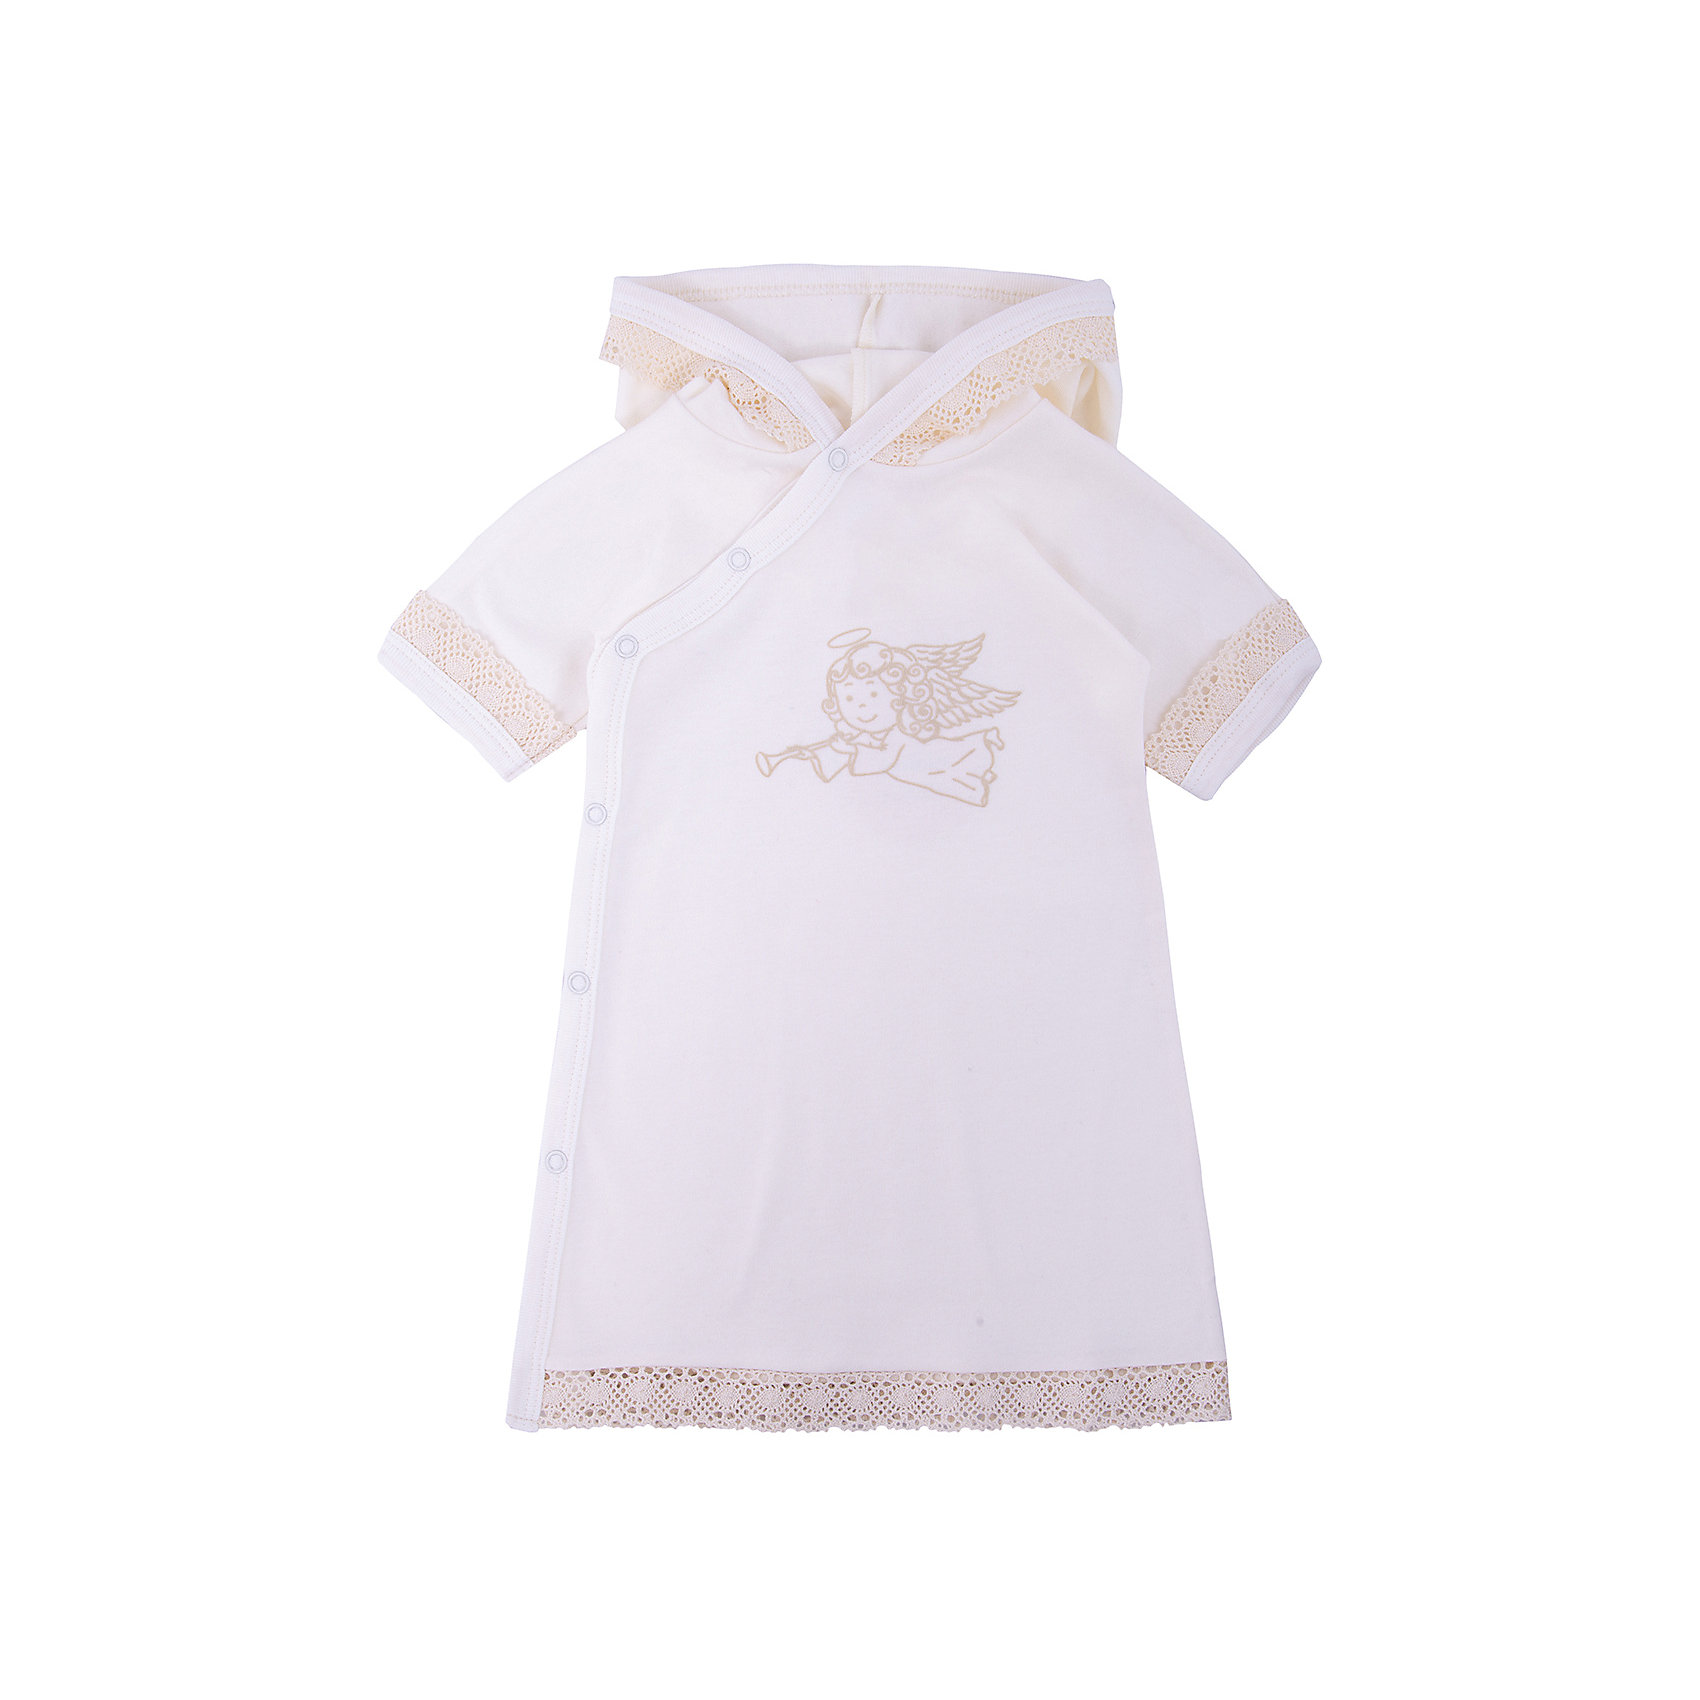 Крестильное платье с капюшоном, тесьма, р-р 62, NewBorn, белыйНаборы одежды, конверты на выписку<br>Характеристики:<br><br>• Вид детской одежды: платье с капюшоном<br>• Предназначение: для крещения<br>• Коллекция: NewBorn<br>• Сезон: круглый год<br>• Пол: для девочки<br>• Тематика рисунка: ангелы<br>• Размер: 62<br>• Цвет: белый, золотистый<br>• Материал: трикотаж, хлопок<br>• Длина рукава: короткие<br>• Запах: спереди<br>• Застежка: спереди на кнопке<br>• Наличие капюшона<br>• Декорировано широкой тесьмой из шитья <br>• Передняя полочка украшена термонаклейкой в виде ангела<br>• Особенности ухода: допускается деликатная стирка без использования красящих и отбеливающих средств<br><br>Крестильное платье с капюшоном, тесьма, р-р 62, NewBorn, белый из коллекции NewBorn от отечественного швейного производства ТексПром предназначено для создания праздничного образа девочки во время торжественного обряда крещения. Платье представлено в коллекции NewBorn, которая сочетает в себе классические и современные тенденции в мире моды для новорожденных, при этом при технологии изготовления детской одежды сохраняются самые лучшие традиции: свободный крой, внешние швы и натуральные ткани. Платье с короткими рукавами и капюшоном выполнено из трикотажа, все края обработаны трикотажной бейкой золотистого цвета. Изделие имеет передний запах с застежками на кнопках, что обеспечивает его легкое одевание. Праздничный образ создается за счет отделки рукавов, капюшона и низа платья широким кружевом золотистого цвета и термонаклейки на передней полочке в виде ангела. <br><br>Крестильное платье с капюшоном, тесьма, р-р 62, NewBorn, белый можно купить в нашем интернет-магазине.<br><br>Ширина мм: 220<br>Глубина мм: 5<br>Высота мм: 400<br>Вес г: 200<br>Возраст от месяцев: 0<br>Возраст до месяцев: 3<br>Пол: Женский<br>Возраст: Детский<br>SKU: 4912515